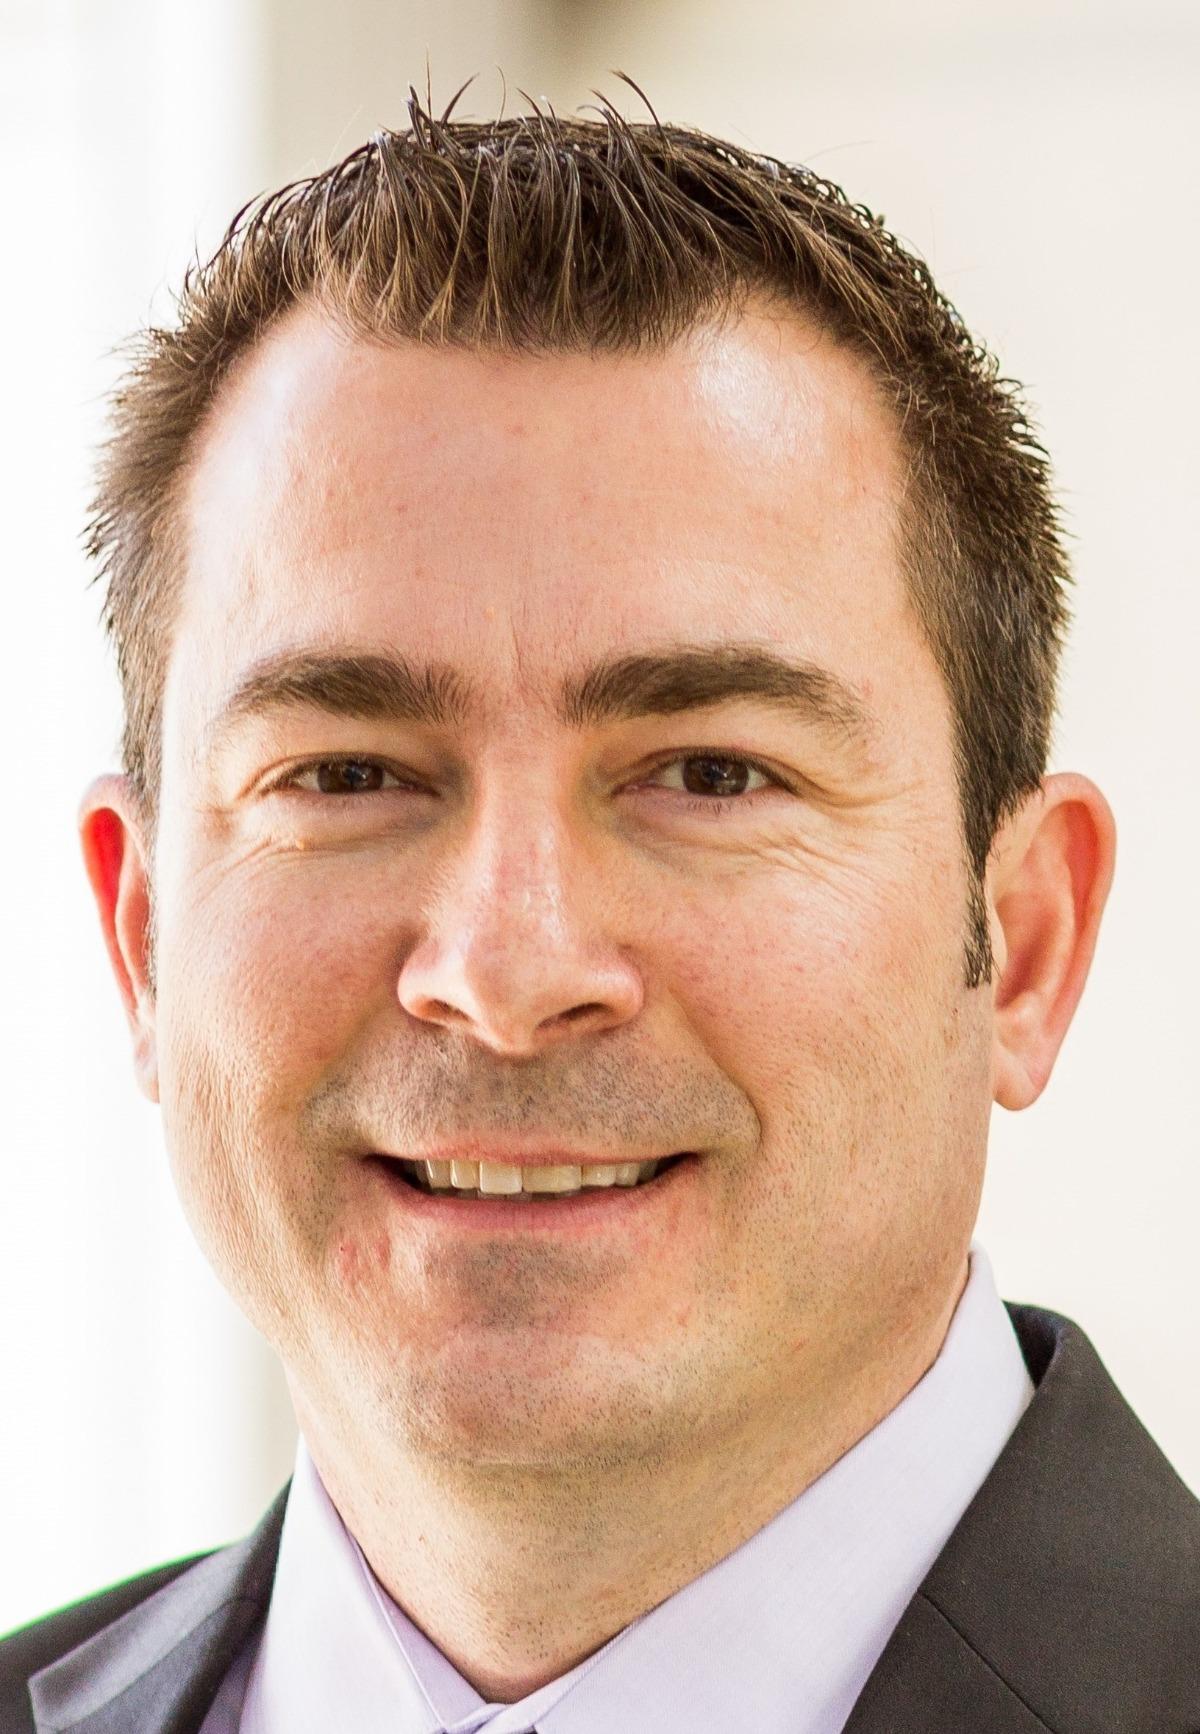 Craig VanBuren